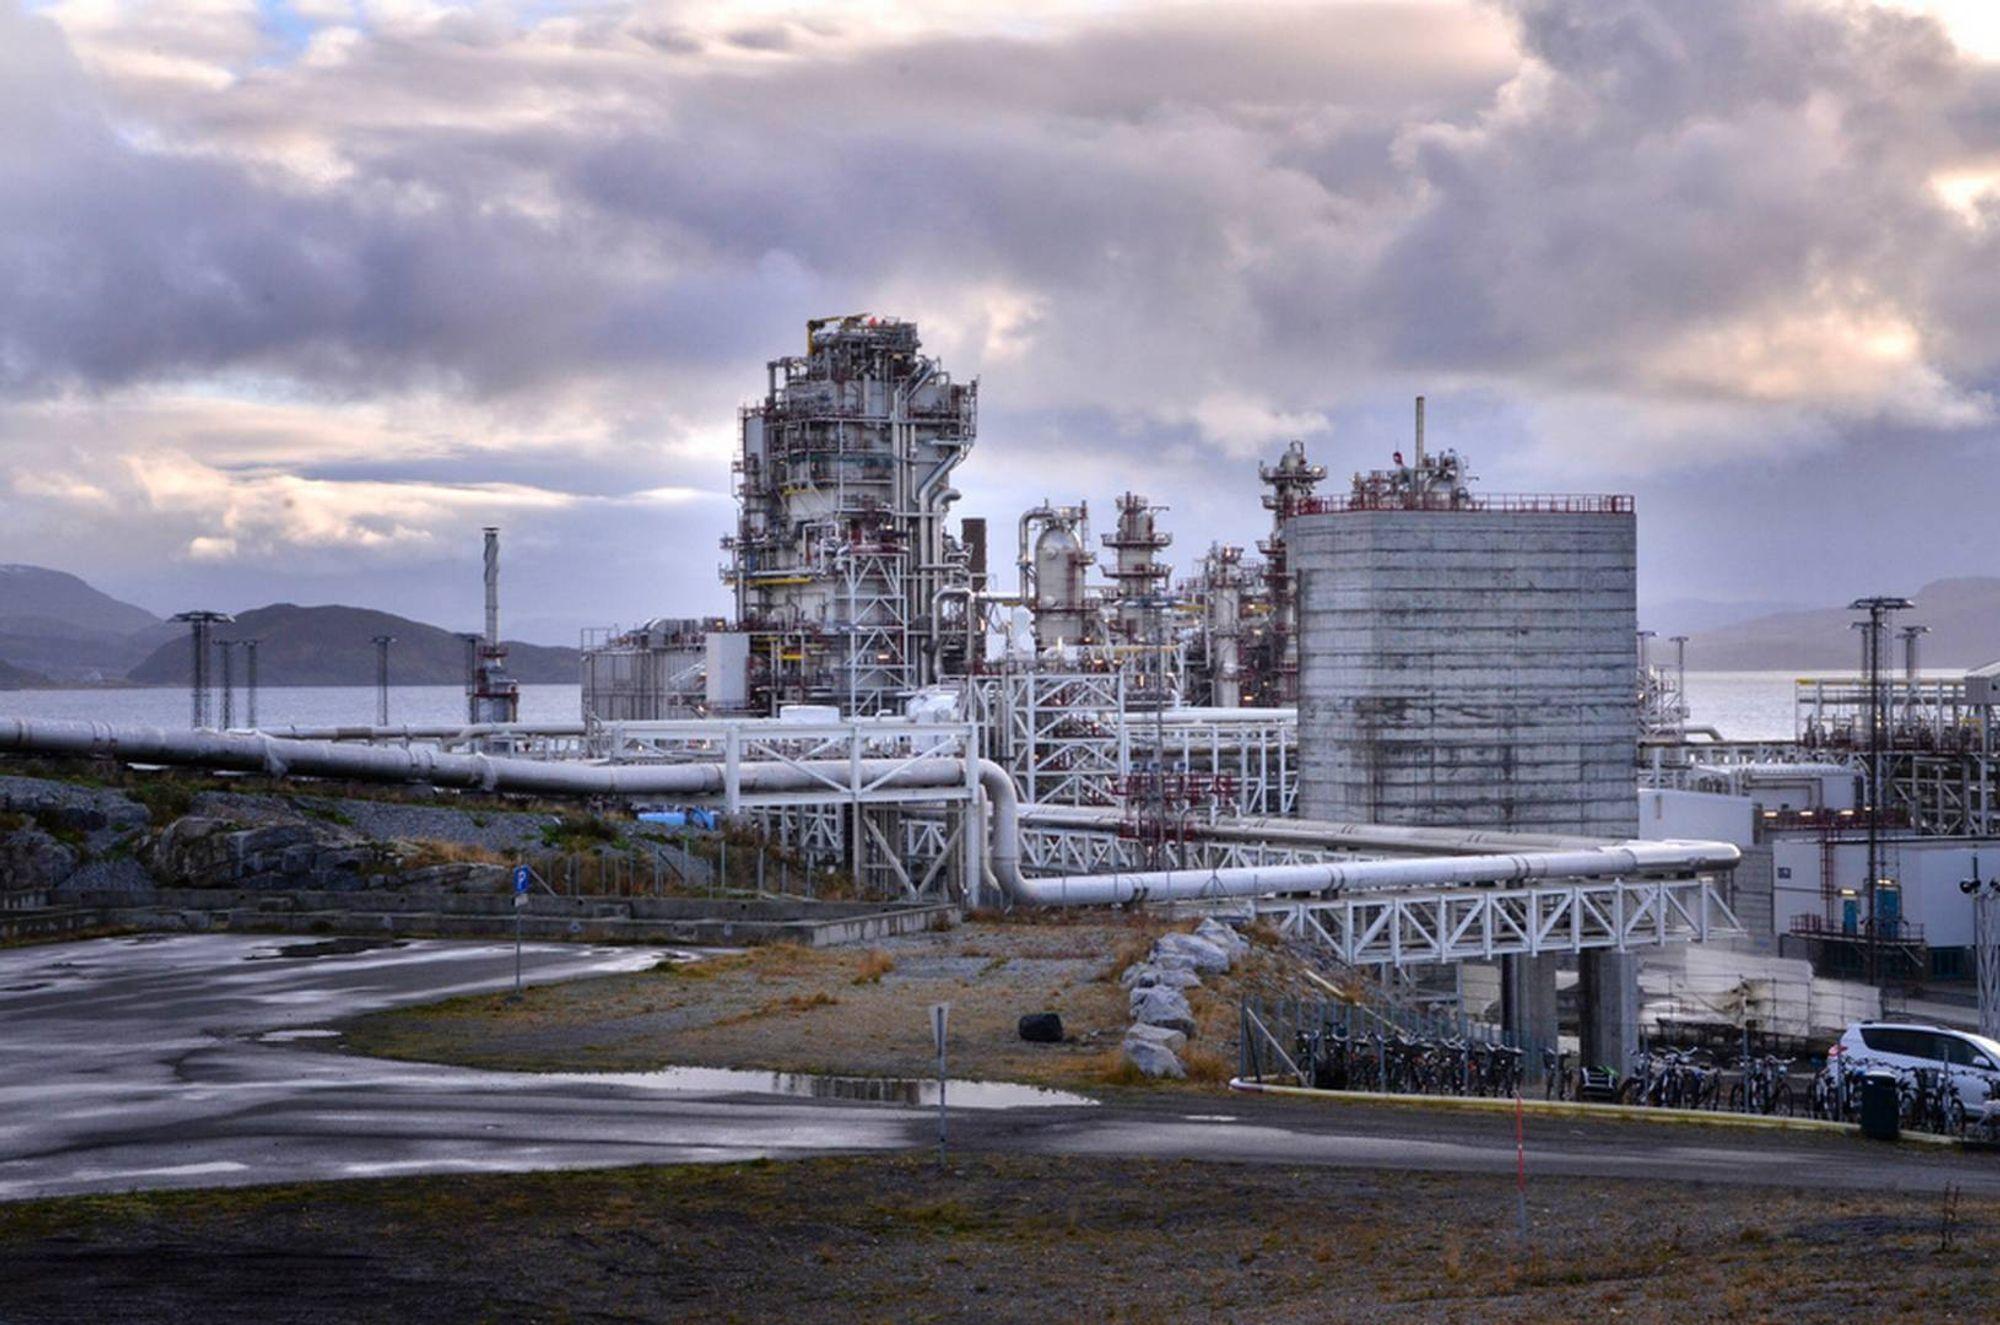 Prosessanlegget for flytende naturgass på Melkøya er svært kompakt, men skal være et av de mest effektive i verden, ifølge Statoil. Dette anlegget leverer blant annet strøm til 420kV-linjen som går mellom Balsfjord og Hammerfest, skriver TU.